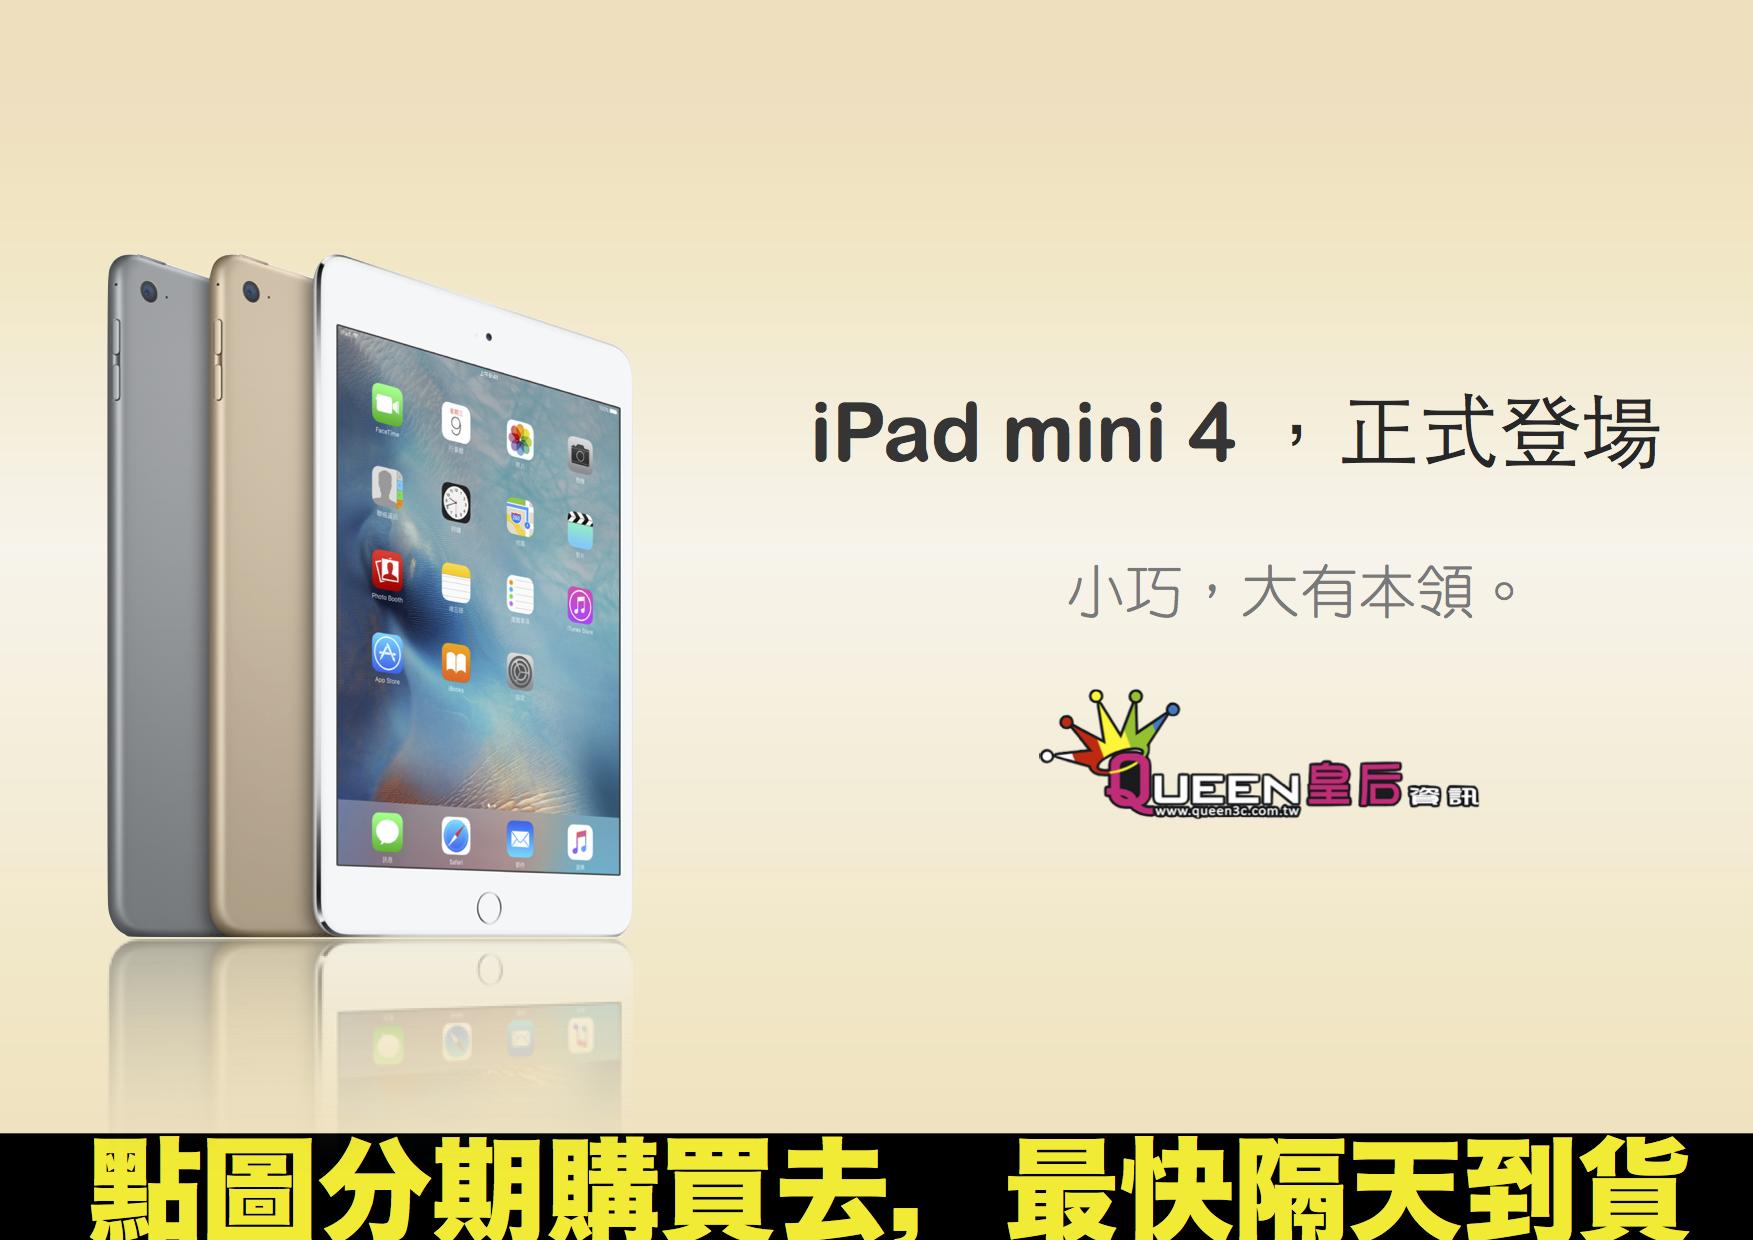 ipad mini4 桌面